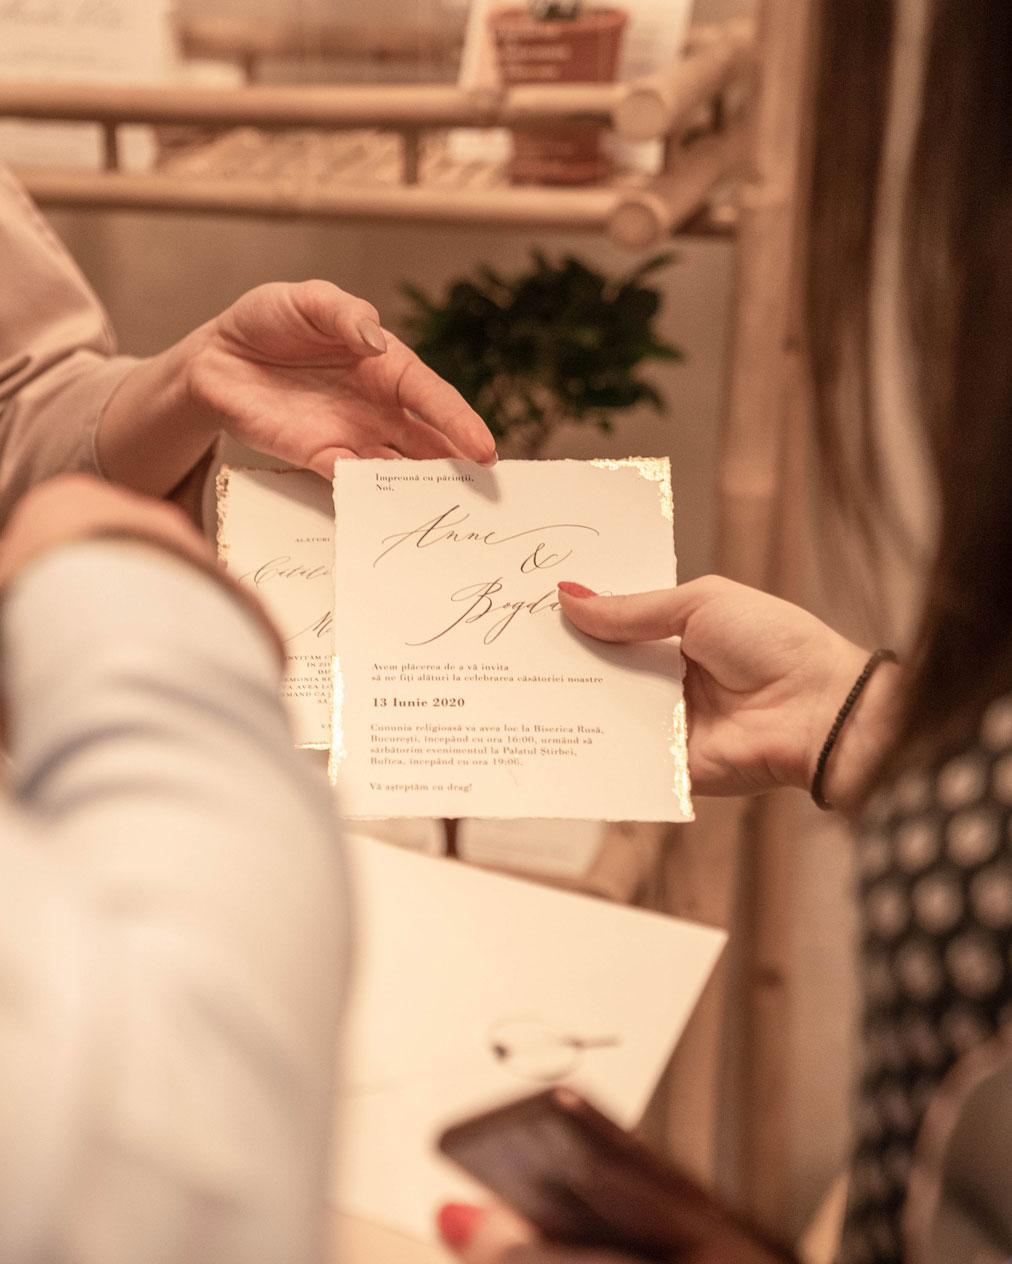 invitatii nunta personalizate, prezentate clientilor